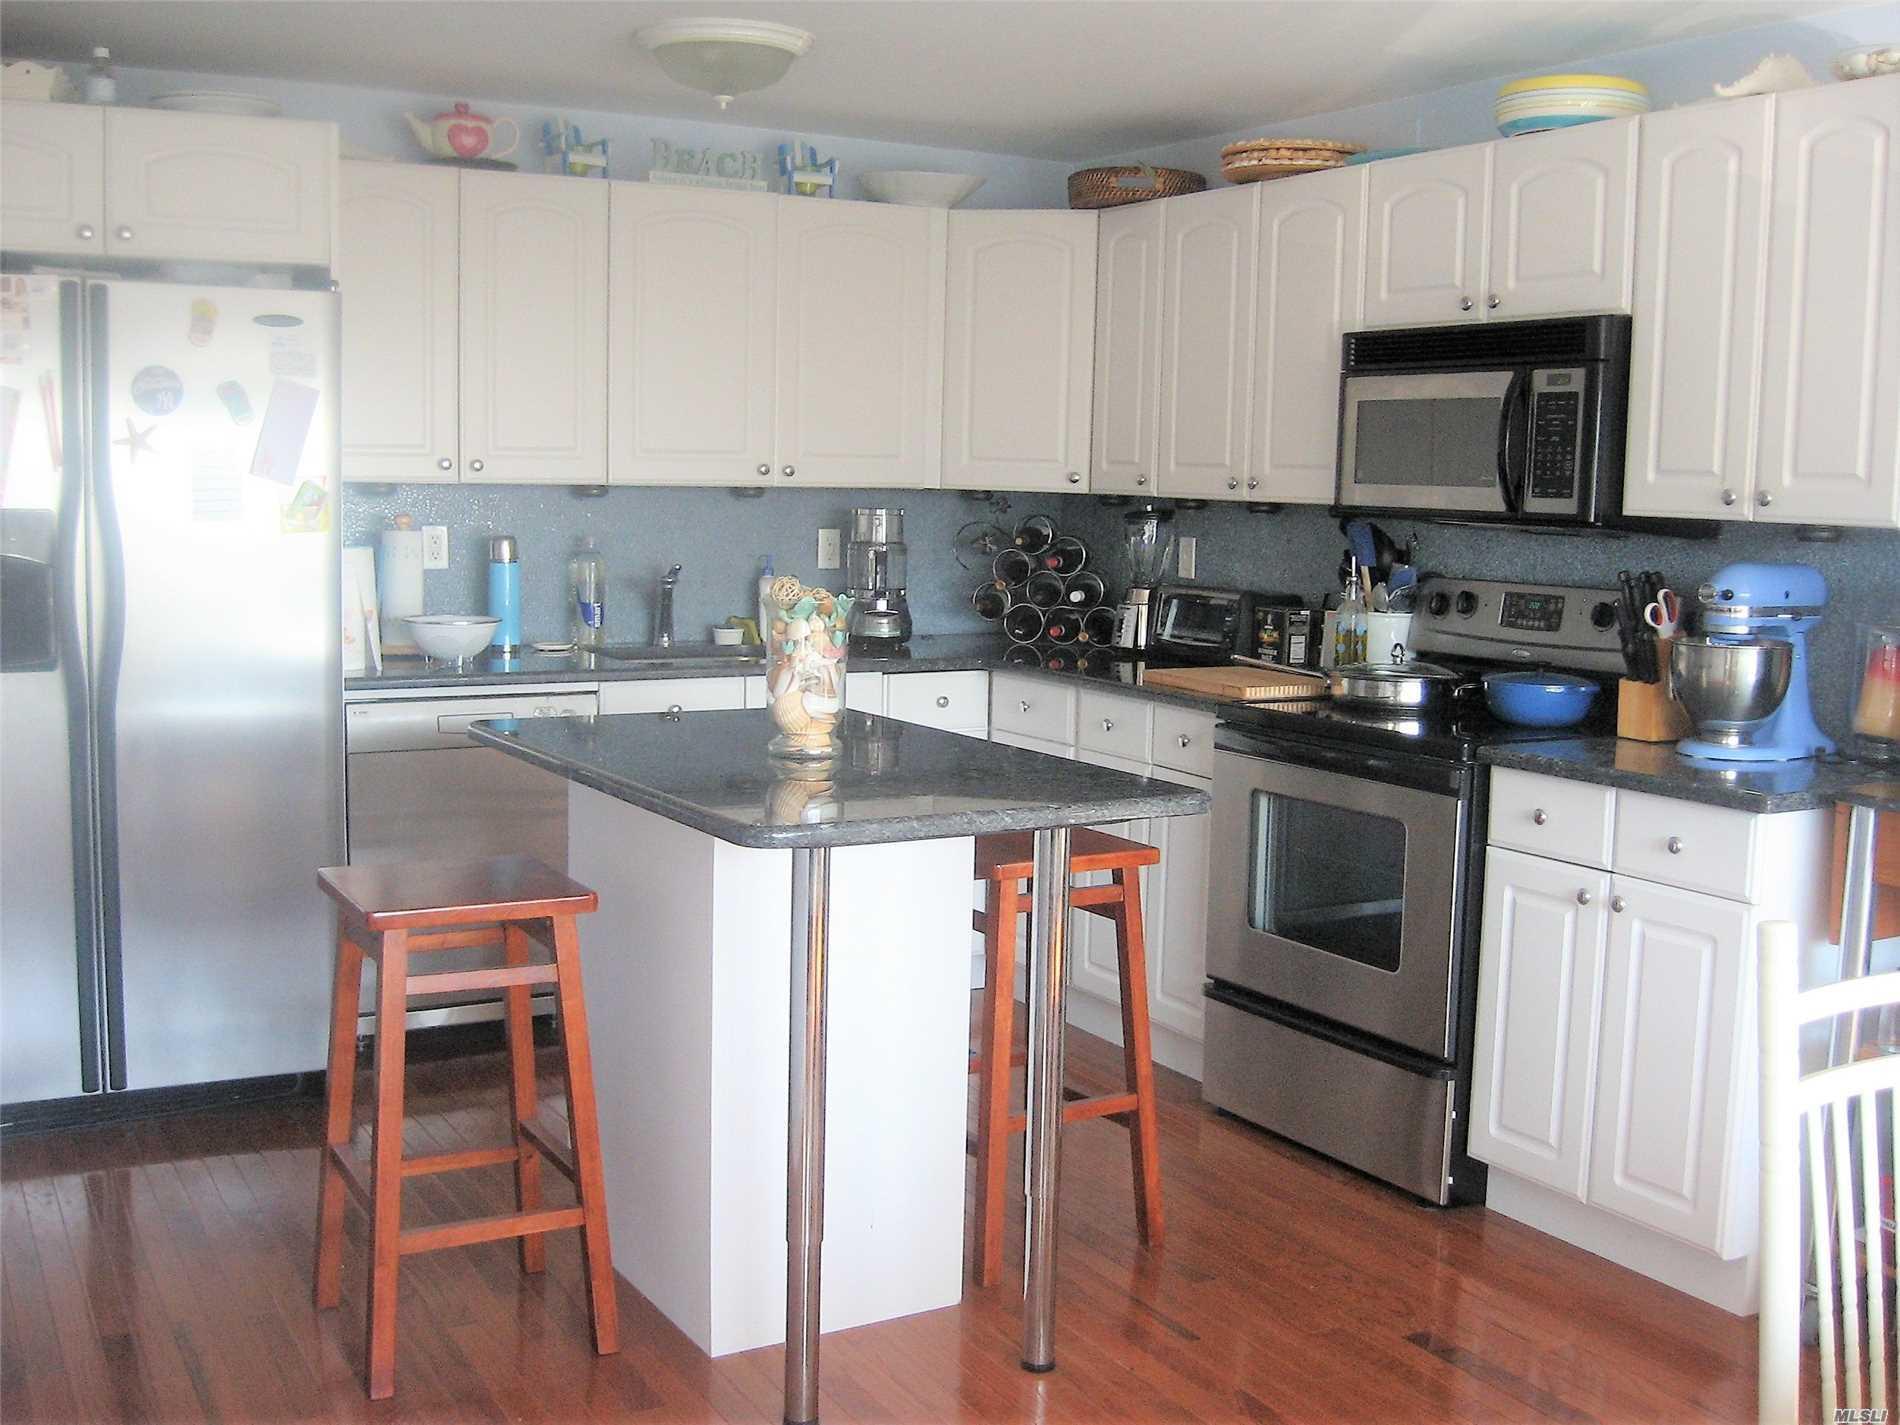 Property for sale at 21 Arizona Ave, Long Beach,  NY 11561